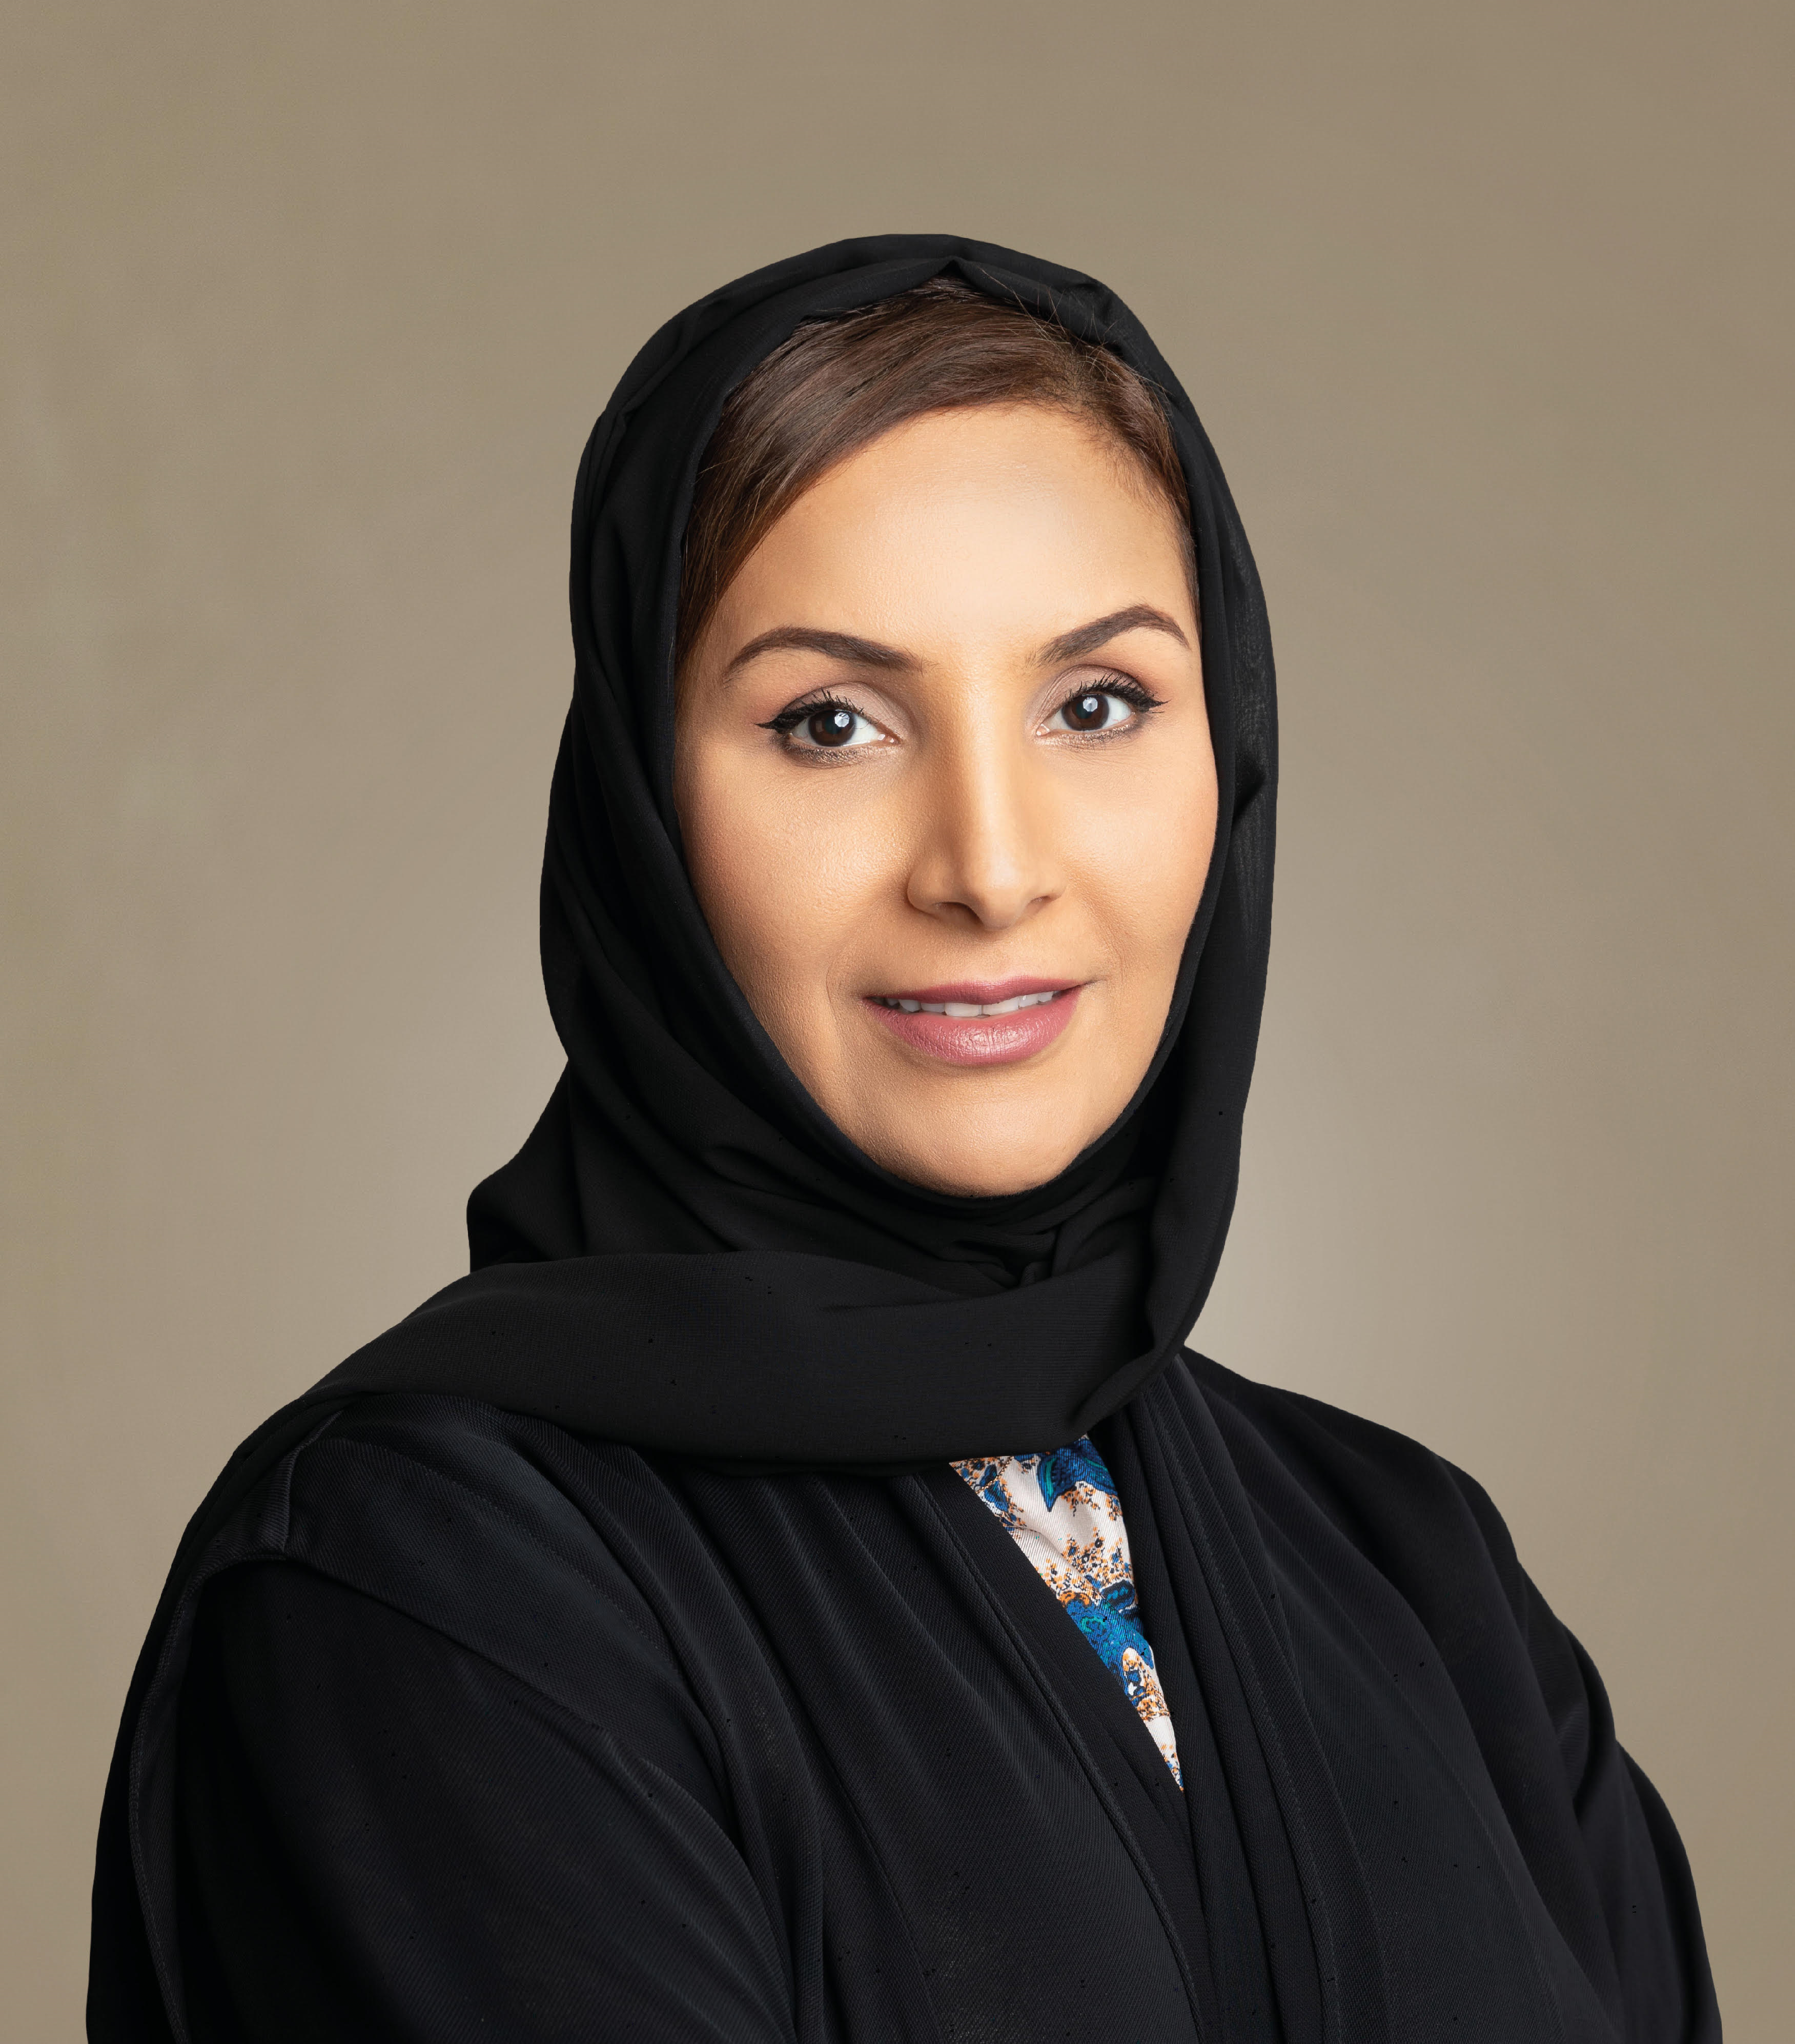 خبير دولي يثني على دور أول مشروع لعقود الأثر الاجتماعي في دول مجلس التعاون الخليجي